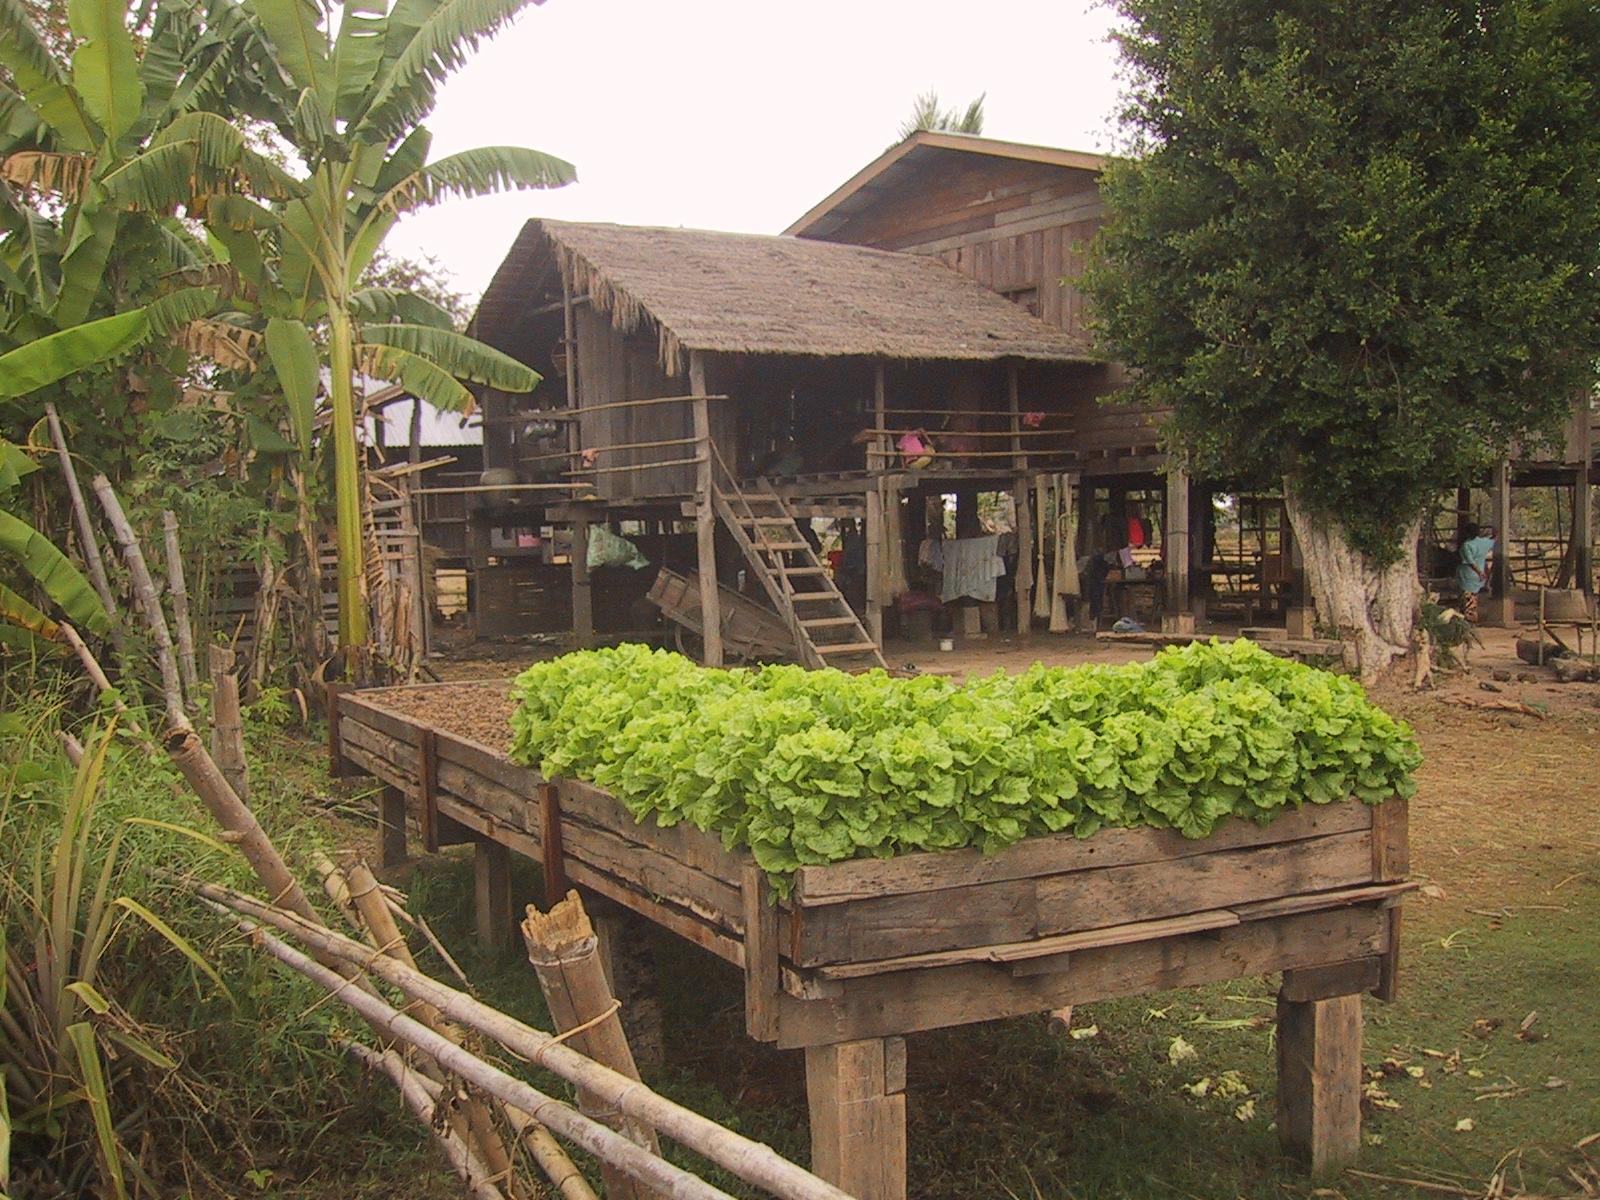 File:Green lettuce in a kitchen garden.jpg - Wikimedia Commons